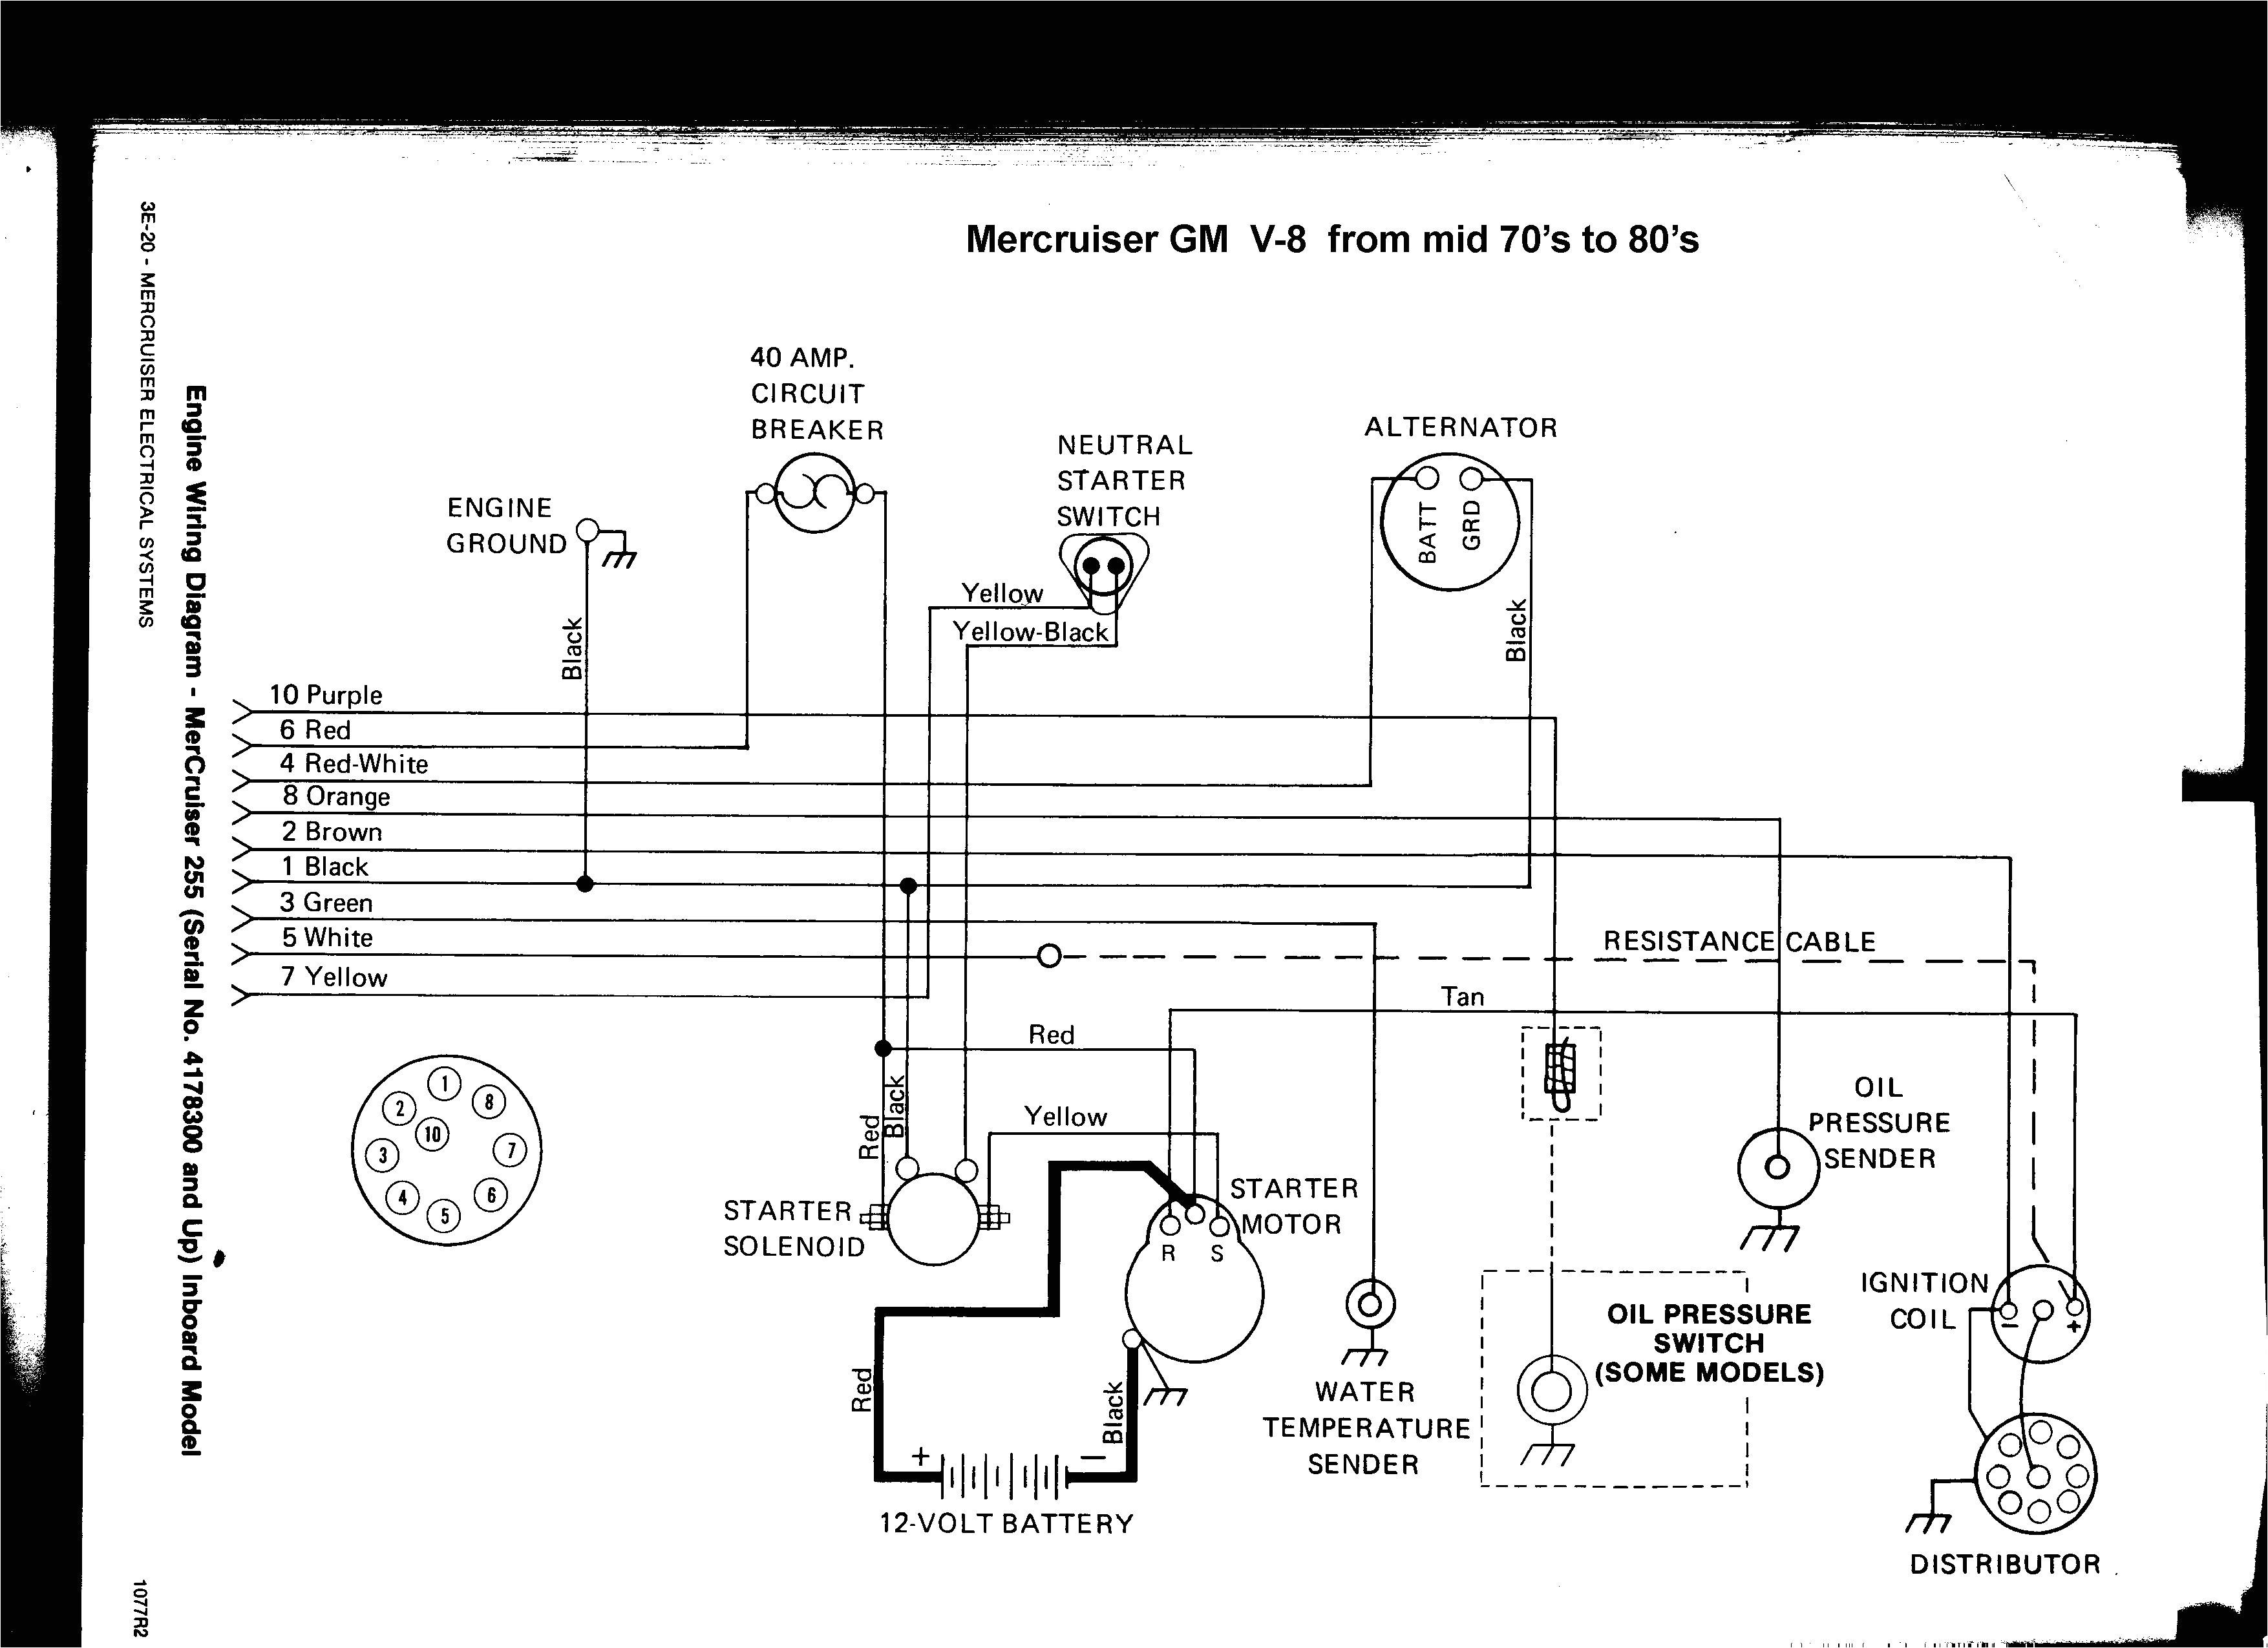 wiring diagram for mercruiser wiring diagram for you 470 mercruiser tachometer wiring